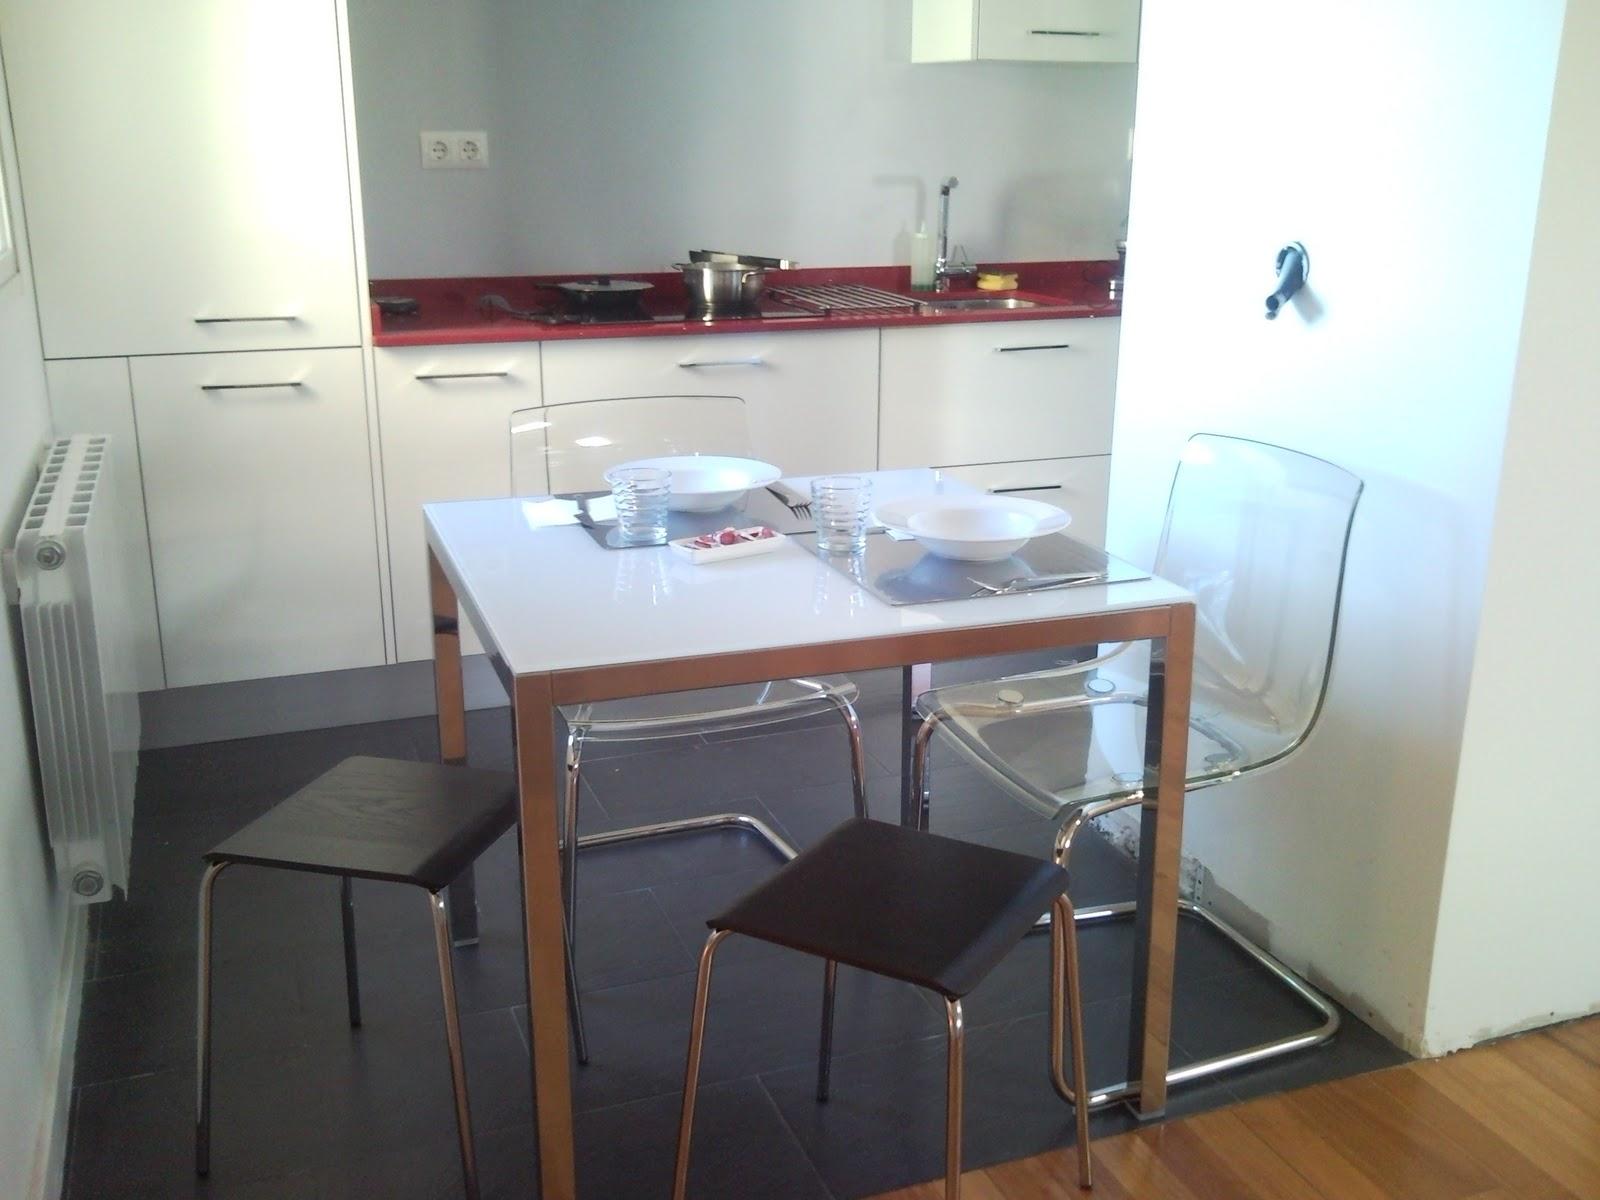 Giunso la cocina siempre es lo primero - Mesa cocina cuadrada ...